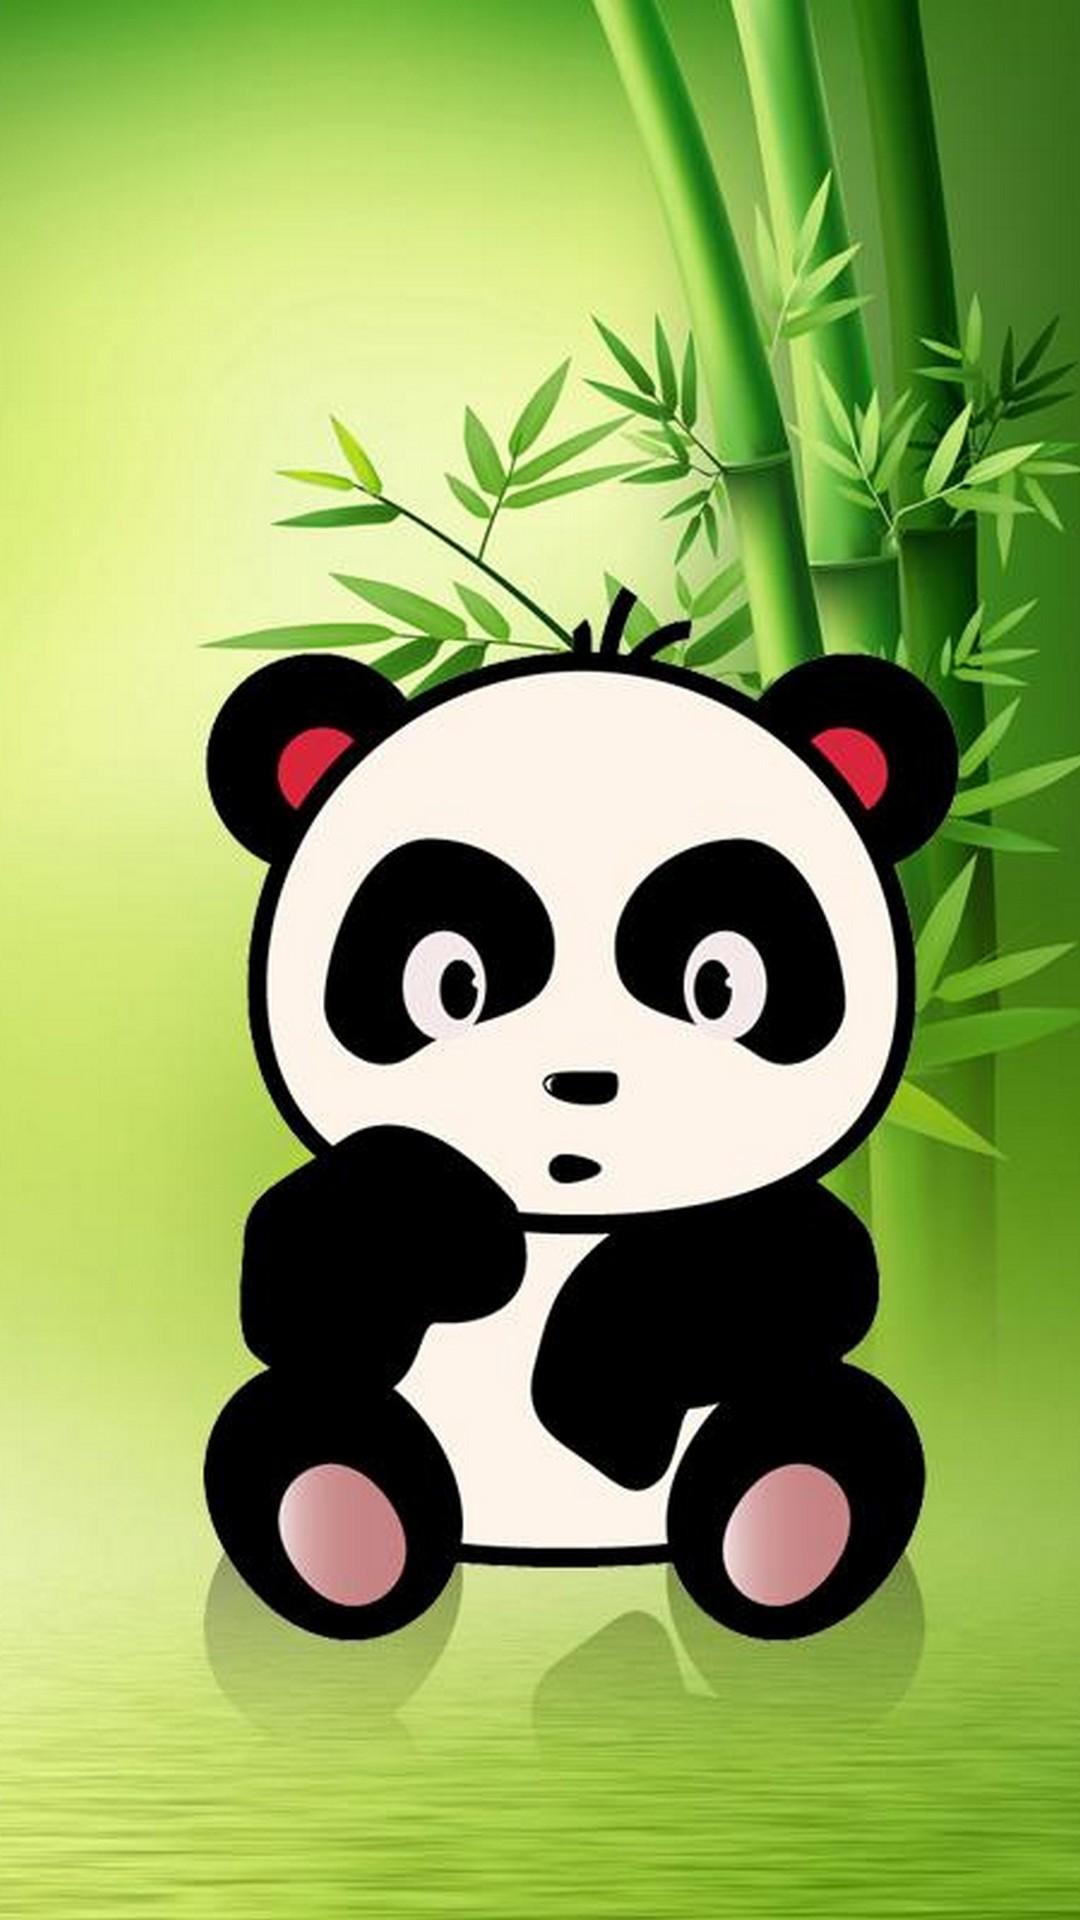 Res: 1080x1920, iPhone X Cute Panda Wallpaper